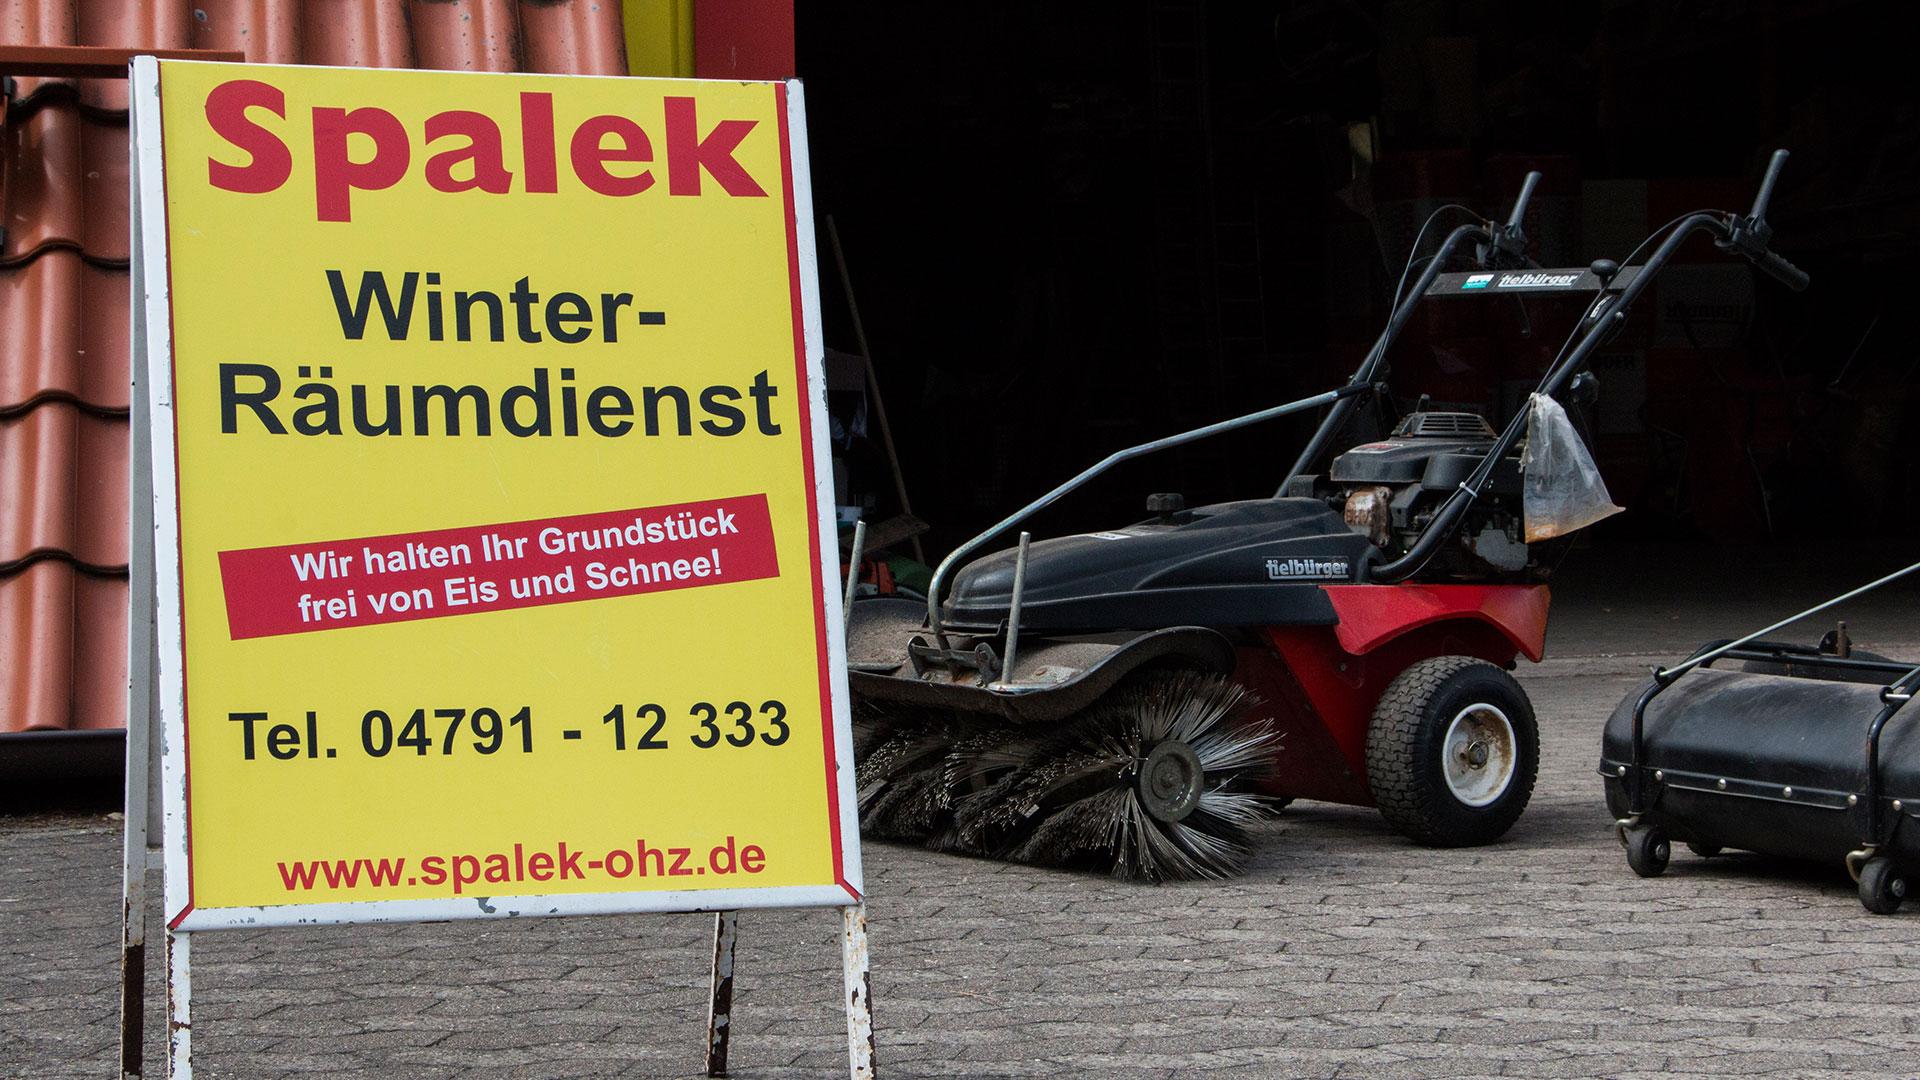 Winter-Räumdienst in OHZ , Bild mit Schneeräumungsmaschine 1920x1080px | Dachdeckerei Spalek OHZ